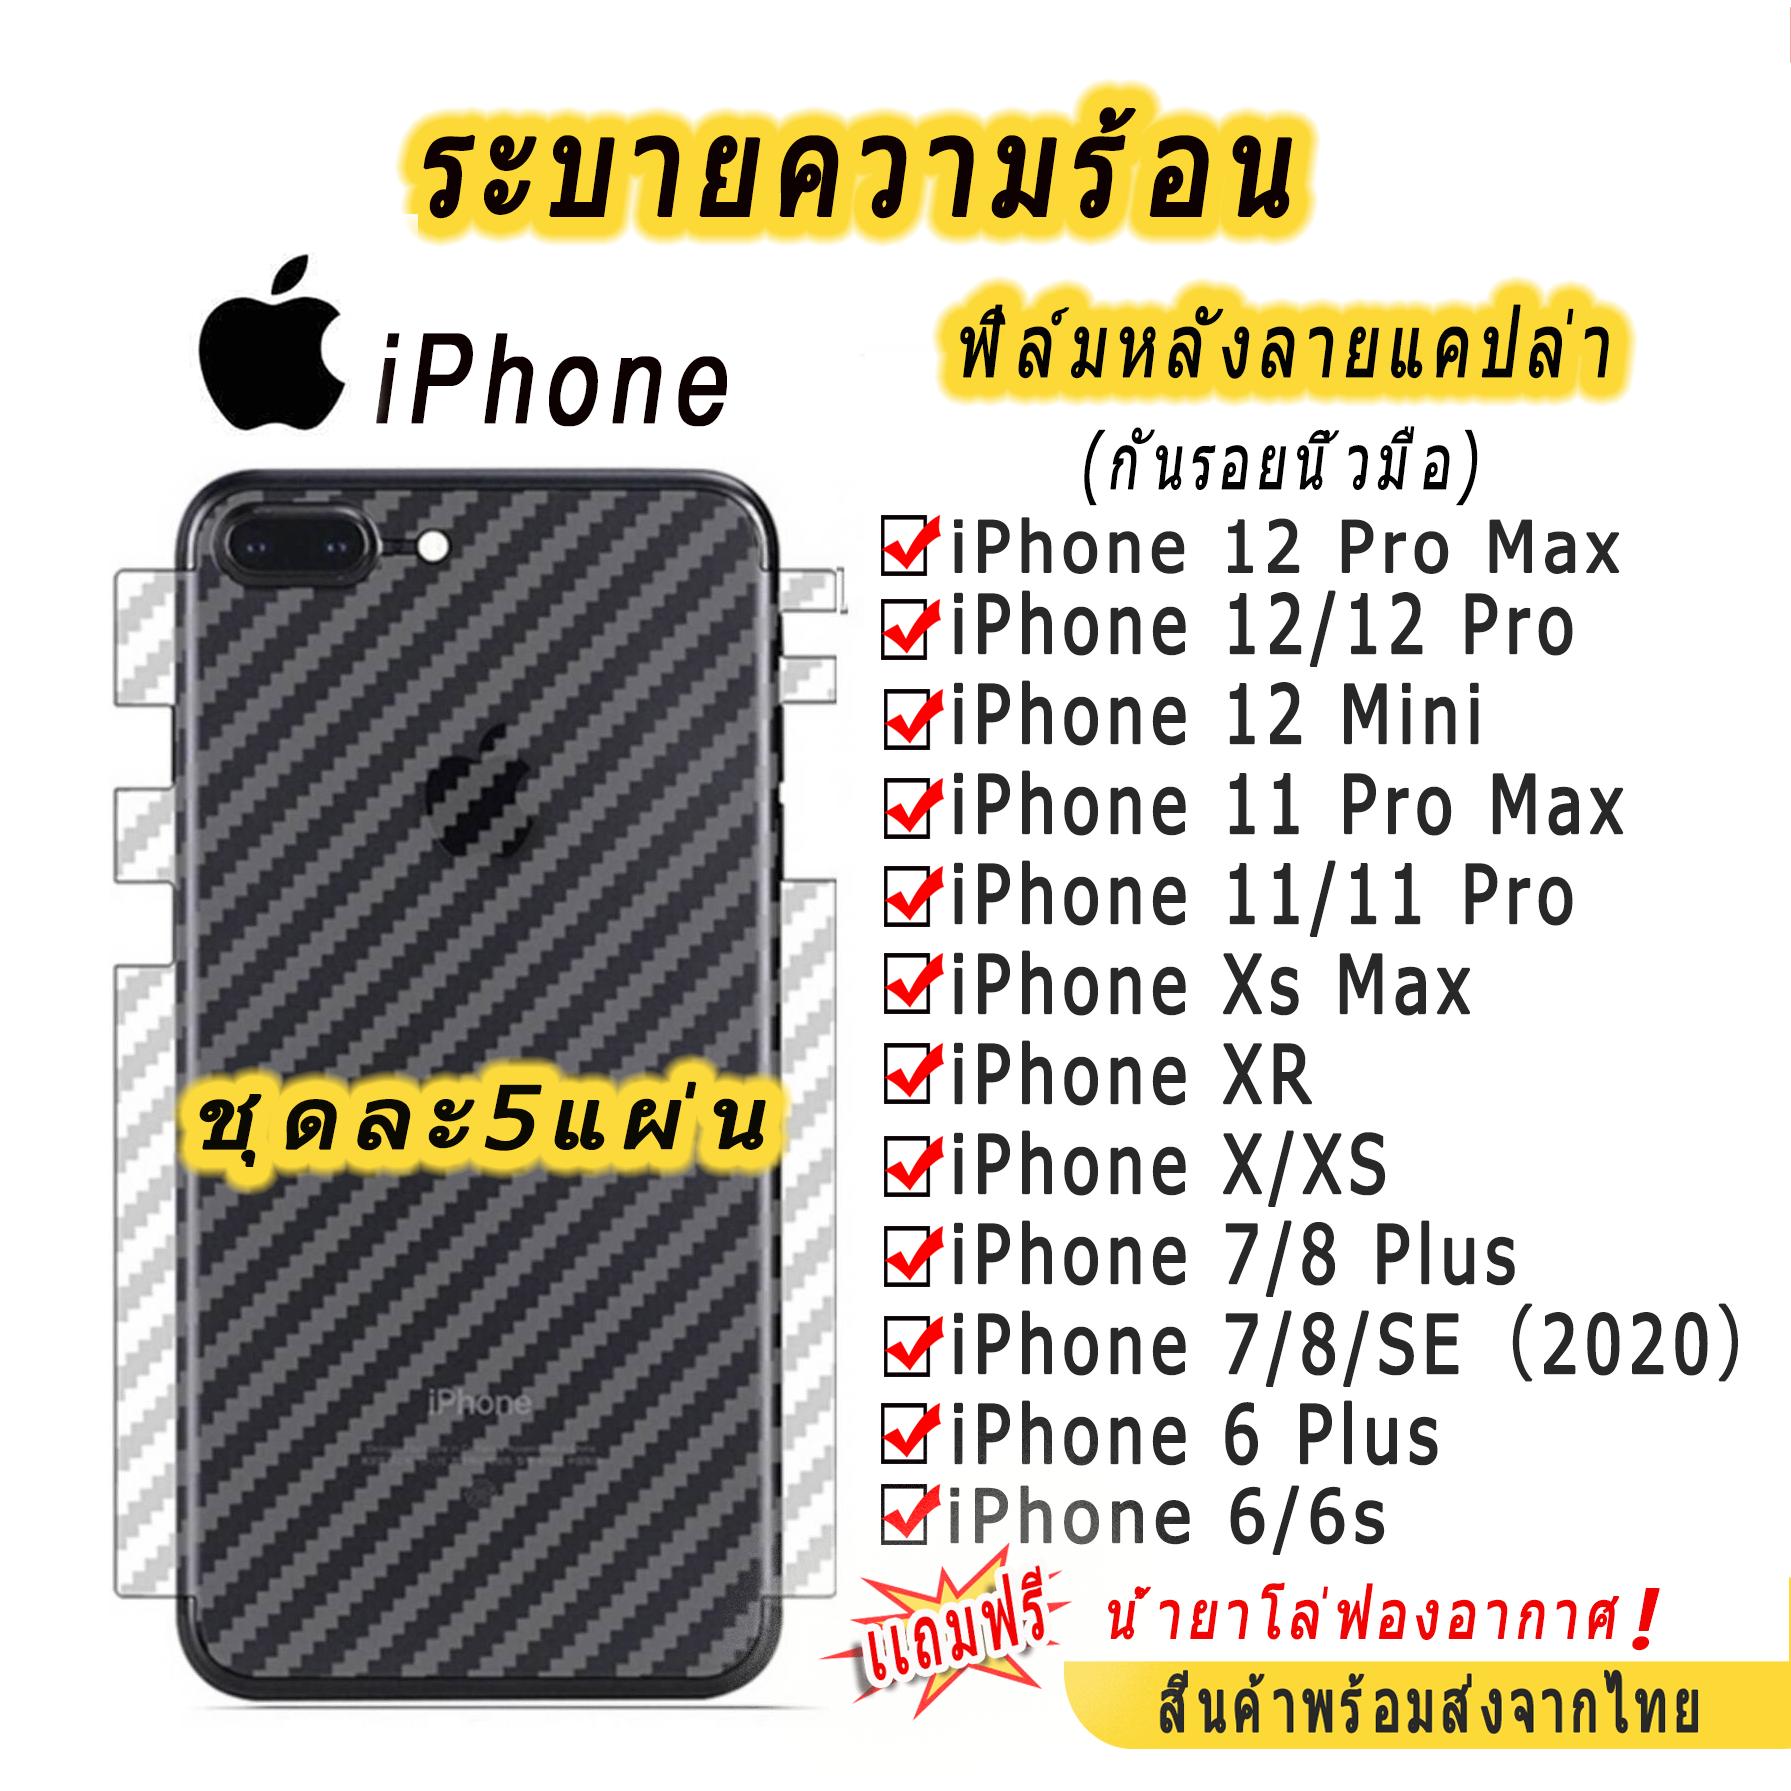 001 ฟิล์มหลังใสเคฟล่า หุ้มรอบเครื่อง Iphone 11/11pro/11promax/12/12pro/12mini/12promax/x/xr/xsmax/6/6plus/7/8plus/se2020.